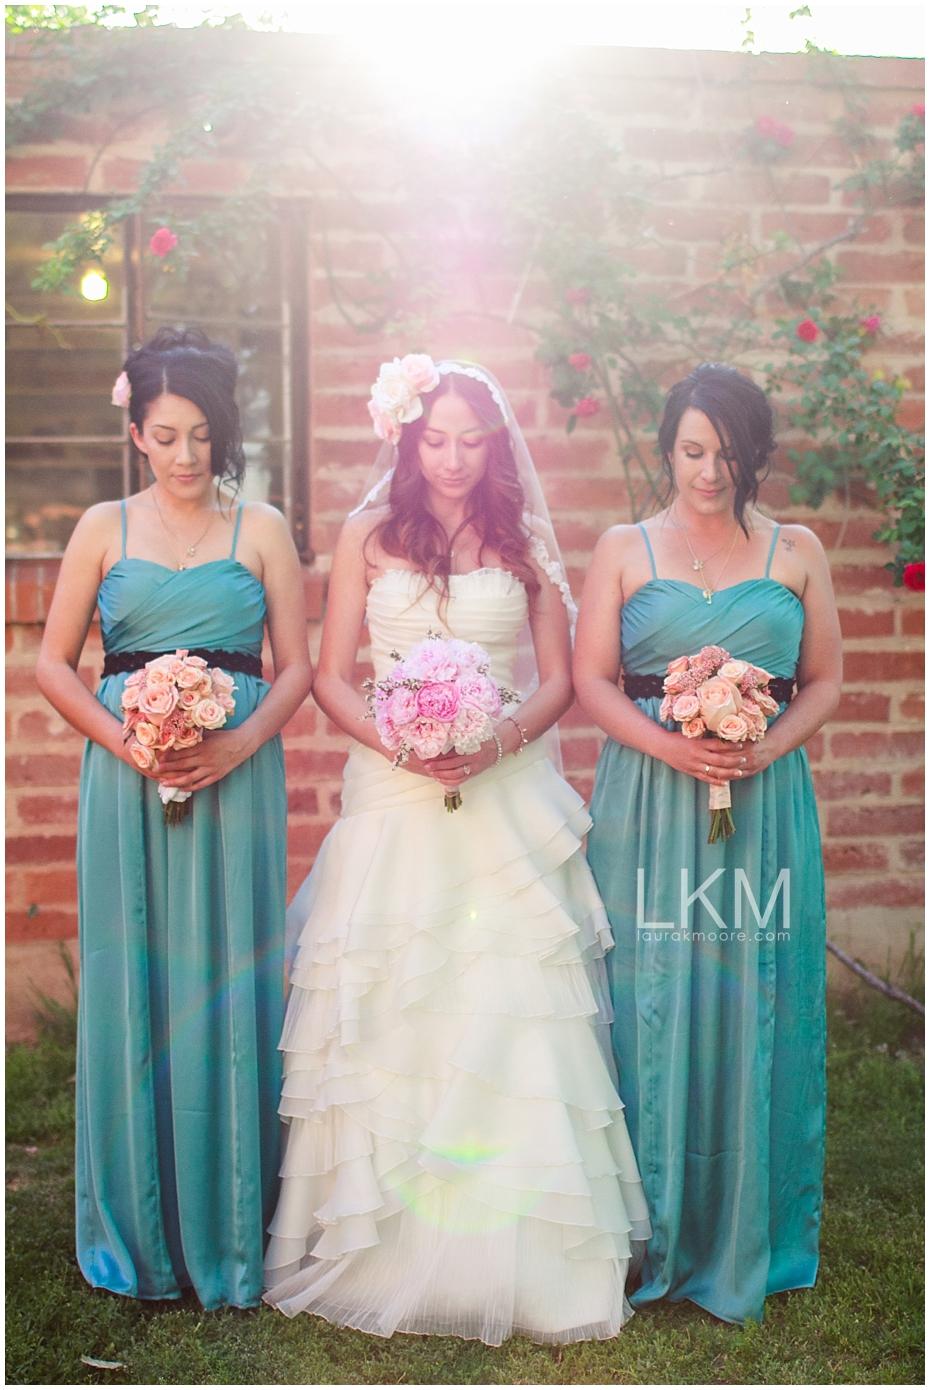 agua-linda-farm-alice-in-wonderland-tucson-wedding-photographer_0010.jpg